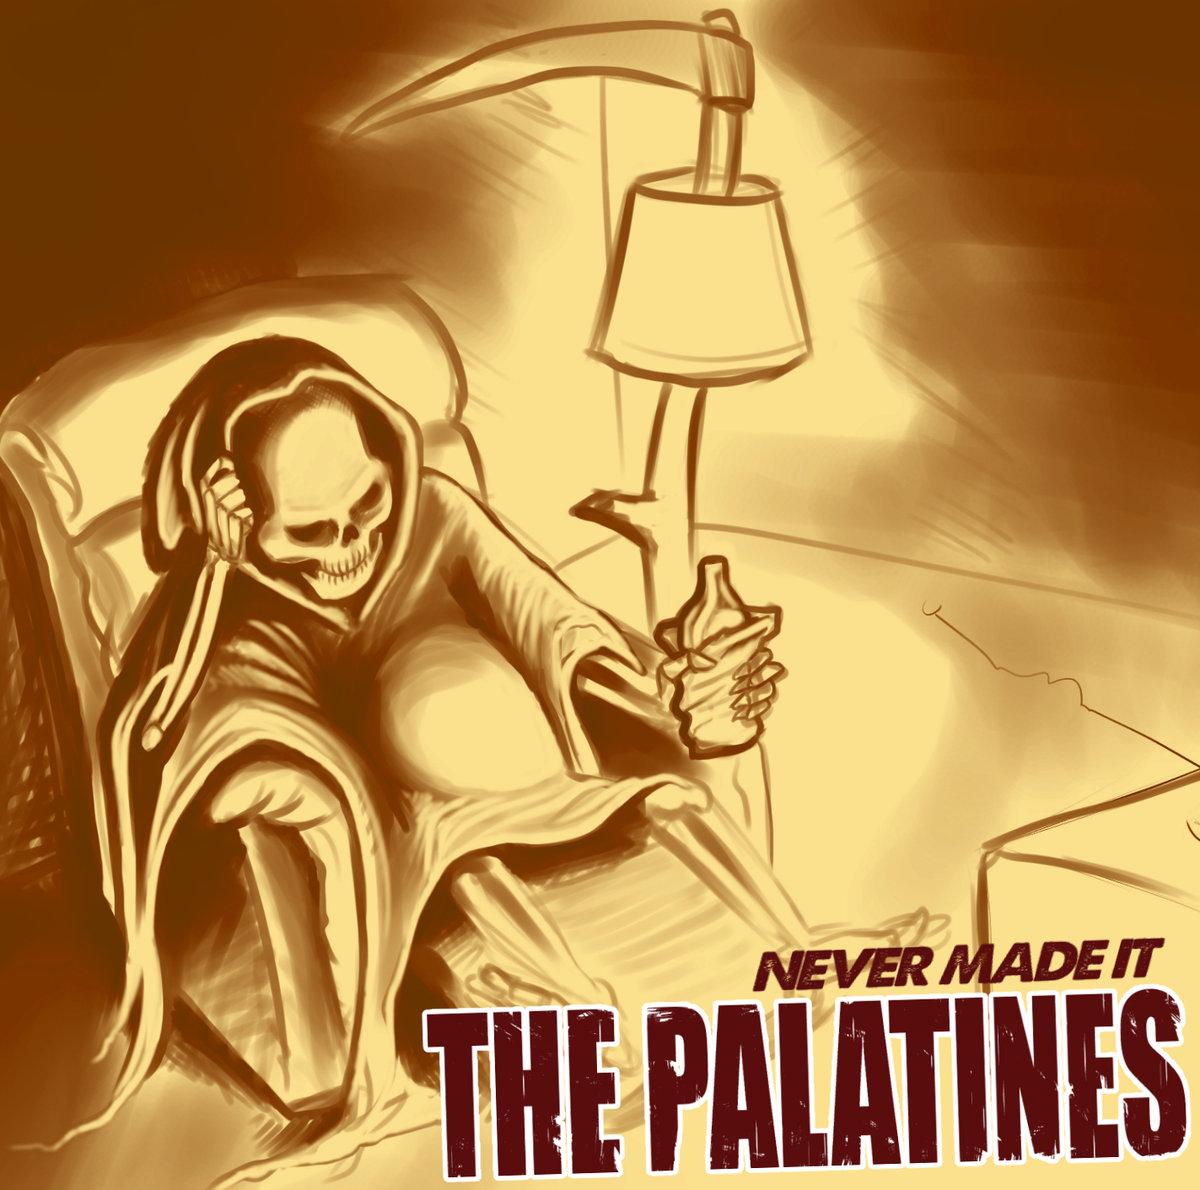 シンプルなコードがグッとくる!王道メロコアなテキサスのパンクバンド「The Palatines」がニューEPをリリース!